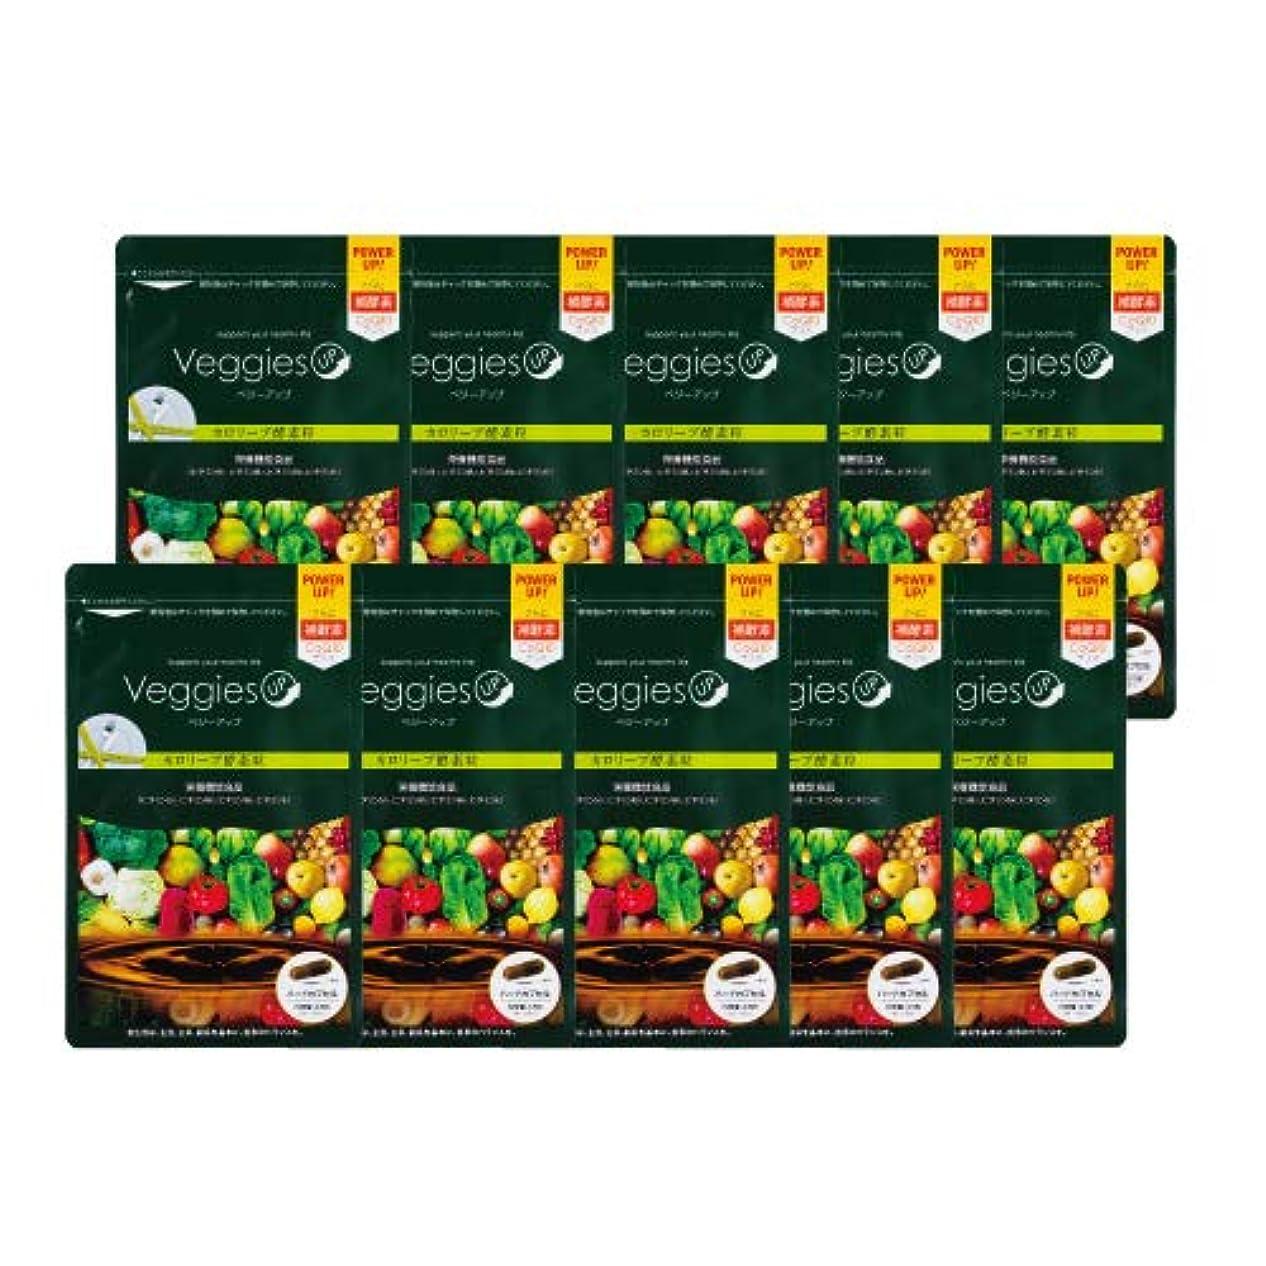 範囲極小羊のベジーアップ酵素粒カロリーブ 93粒 10袋セット ダイエット 酵素サプリ 酵素ダイエット サラシア コエンザイムQ10 竹炭